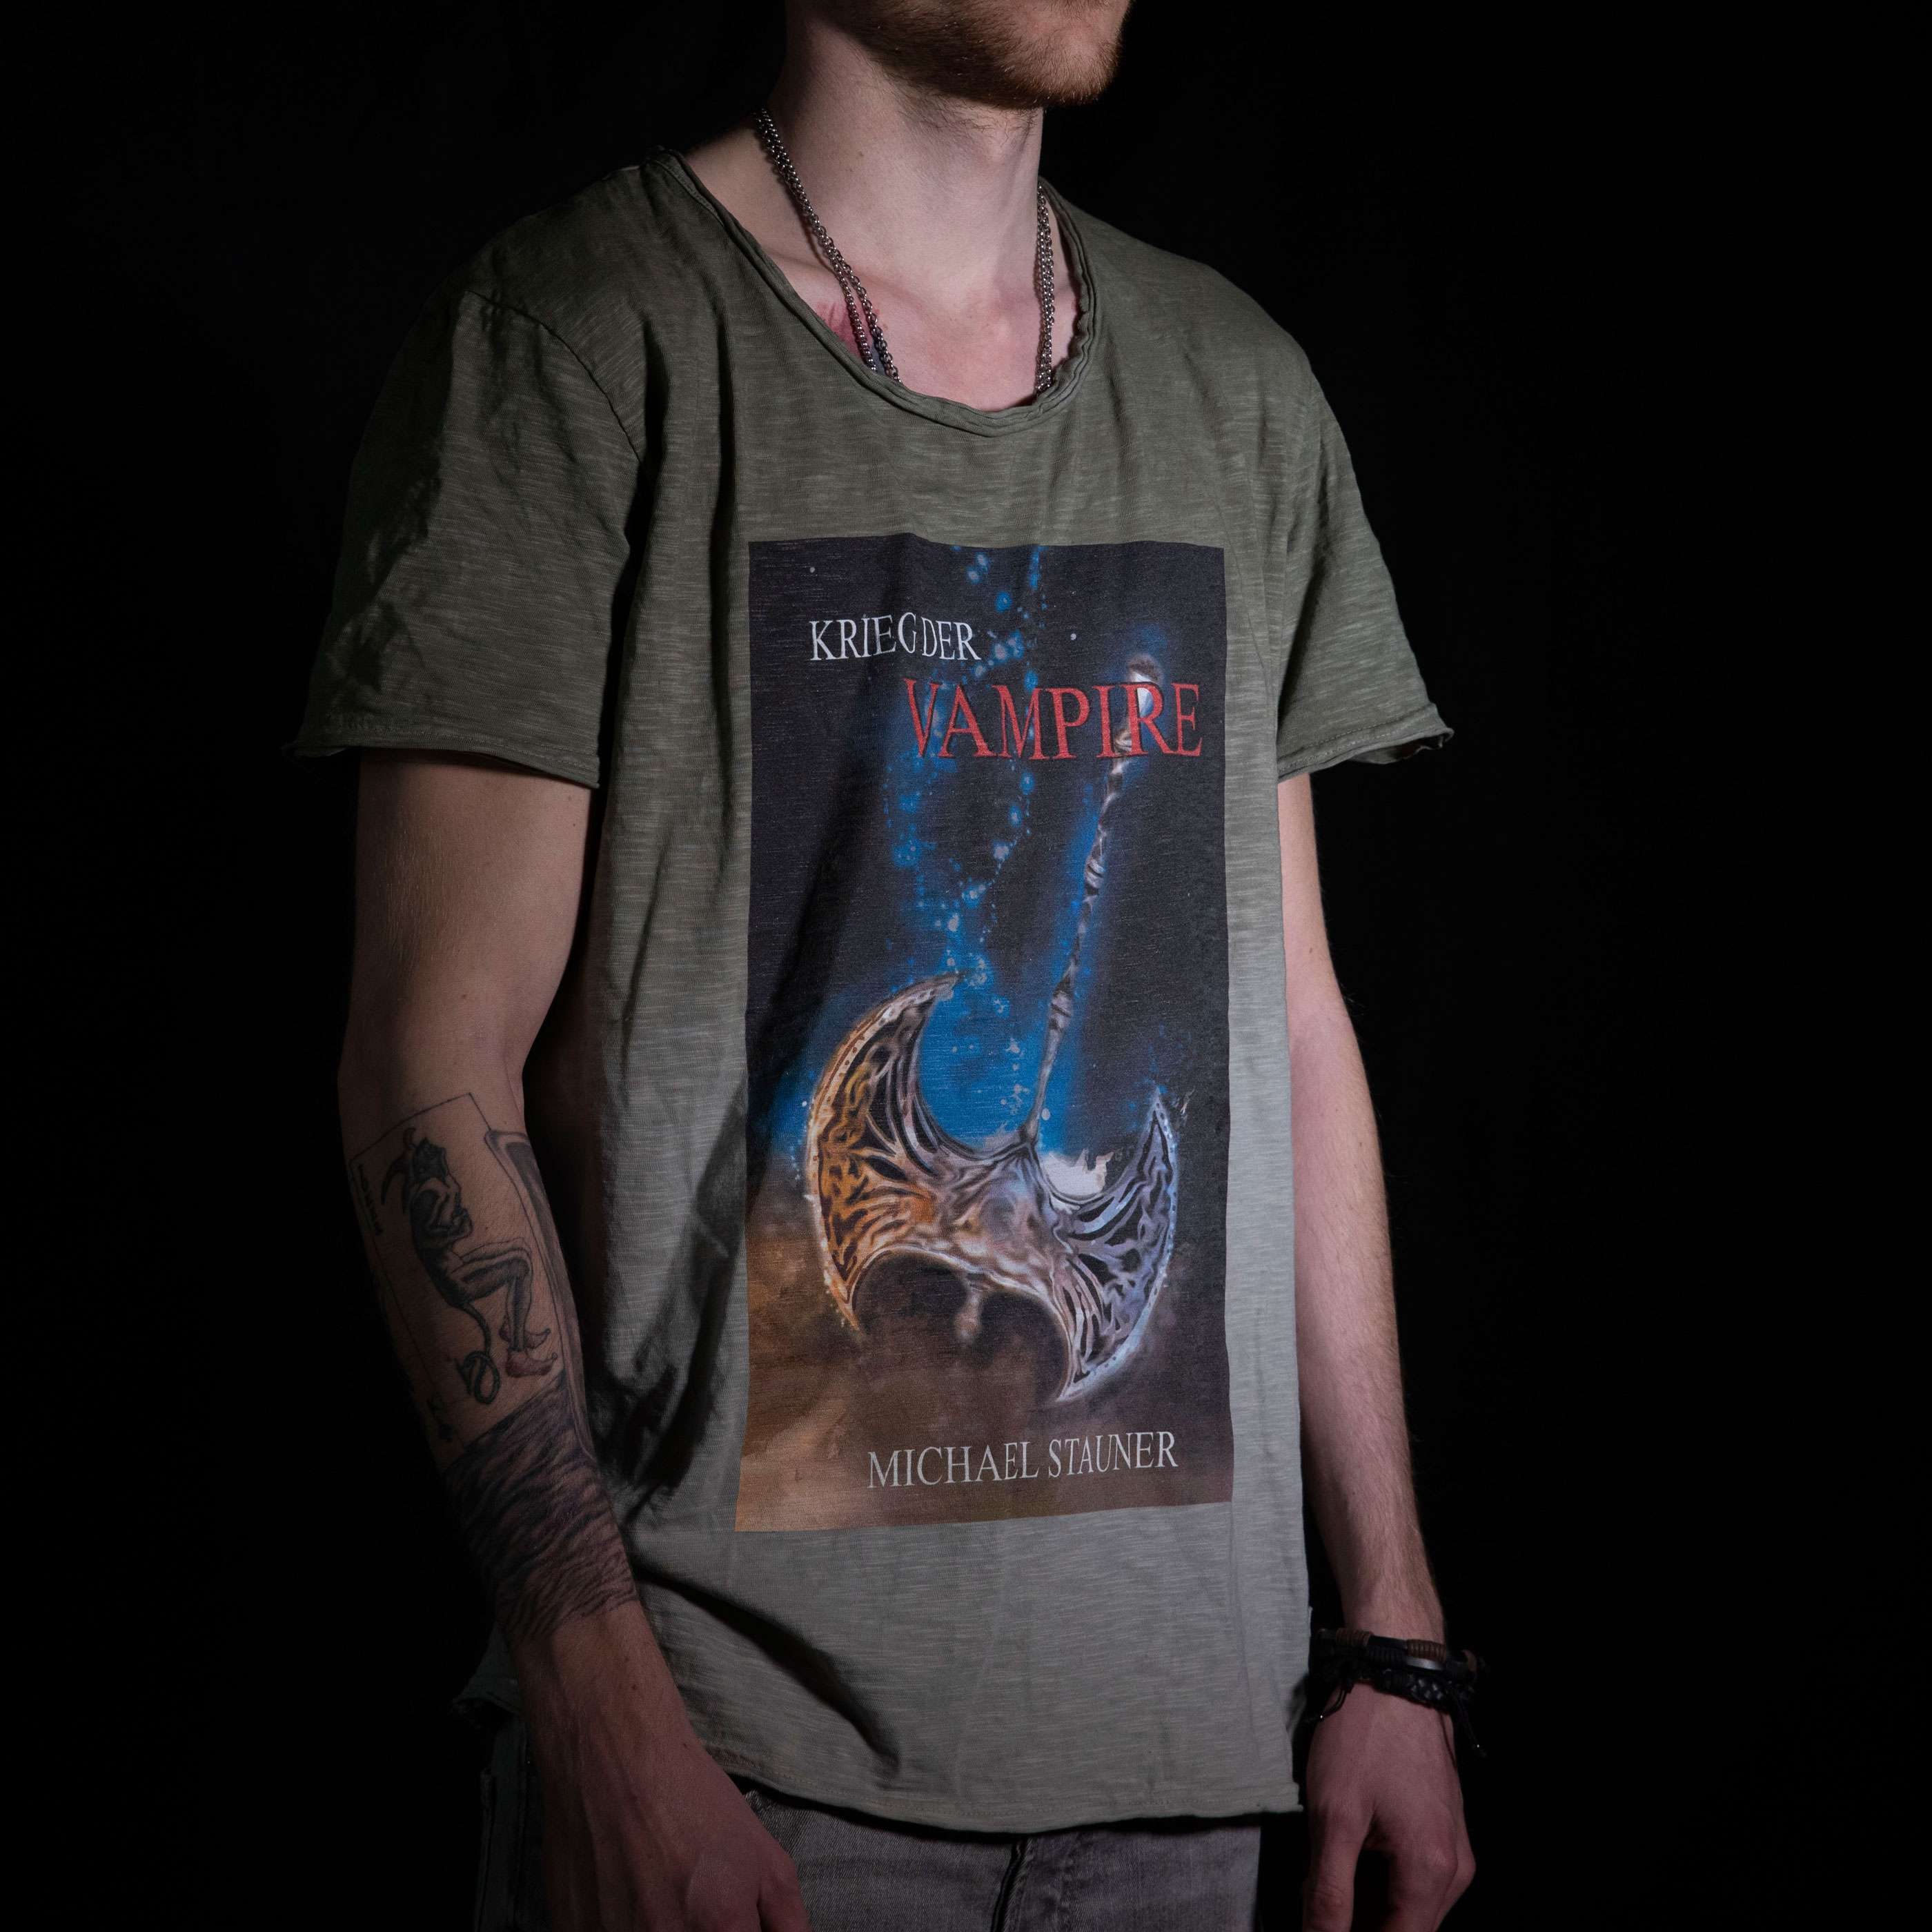 michael-stauner-merchandise-krieg-der-vampire-shirt-man.jpg